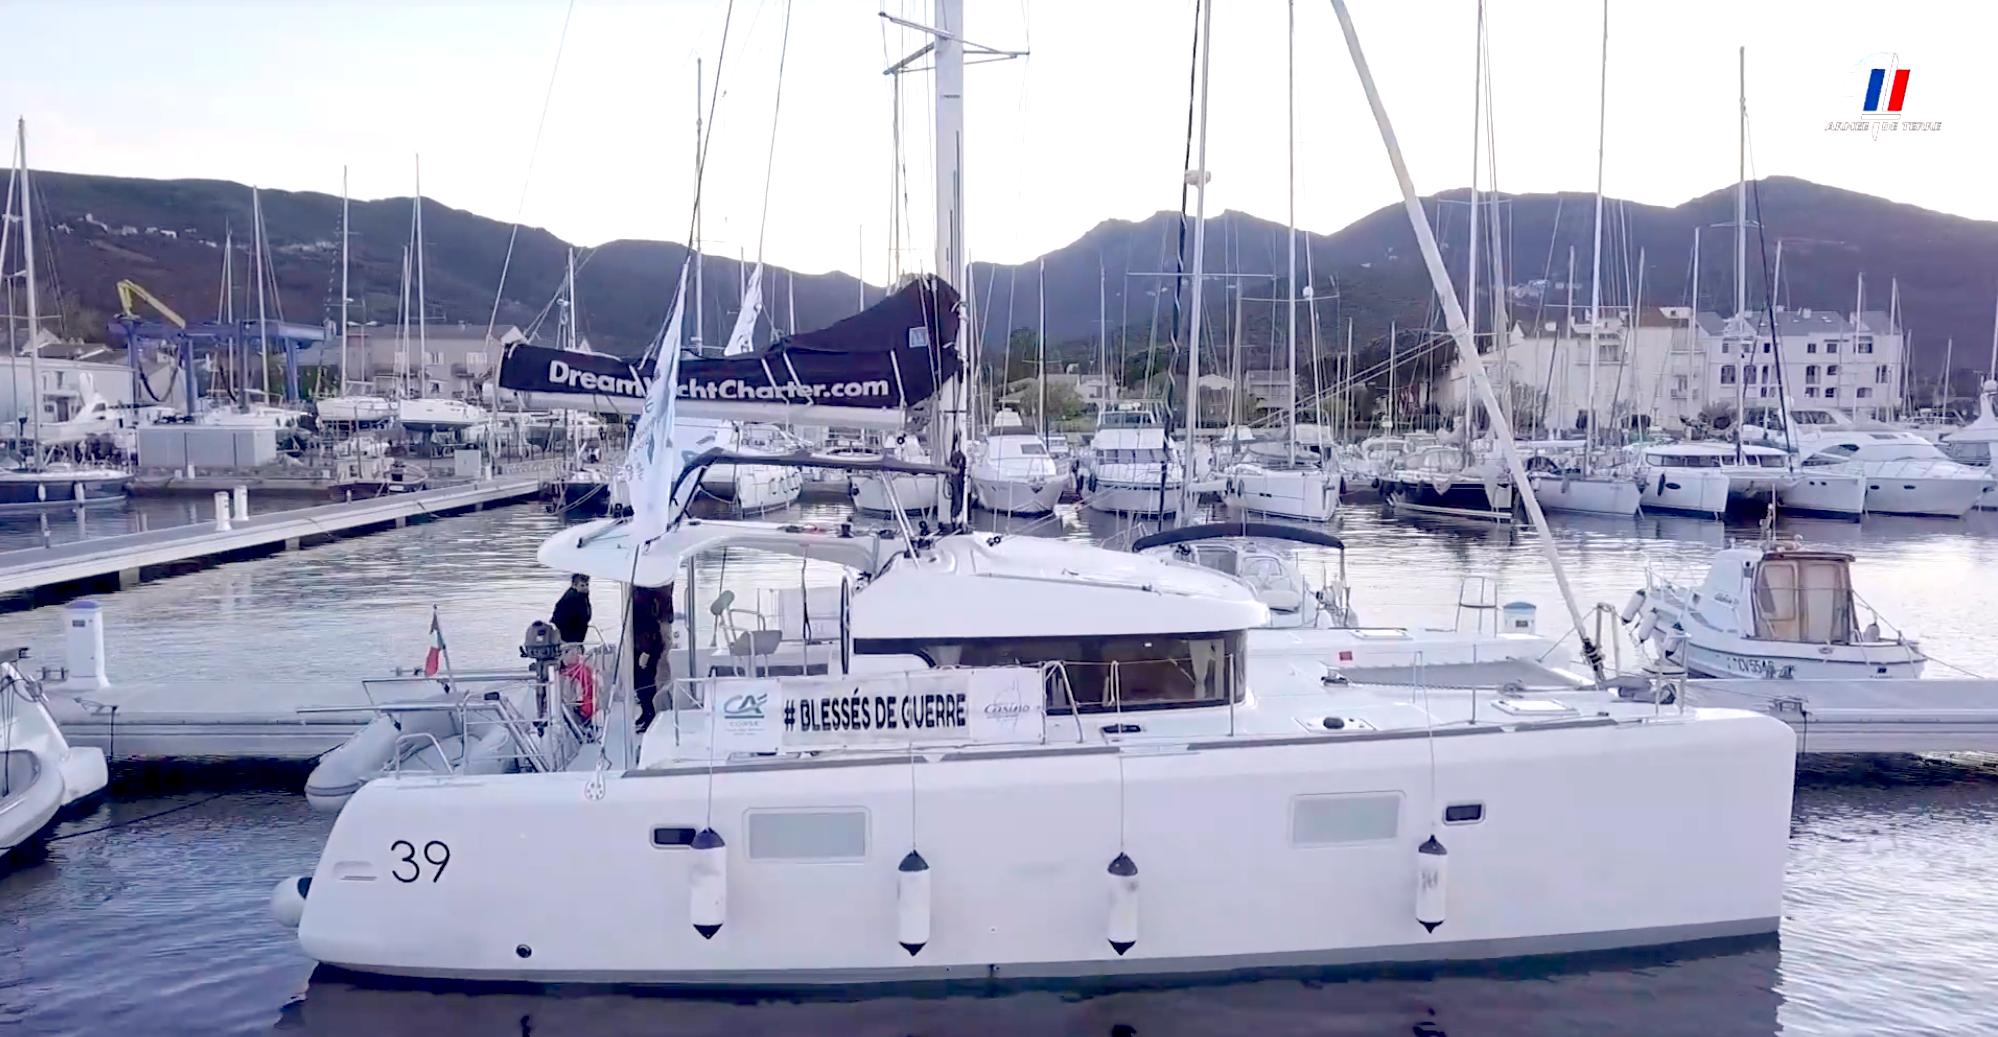 Des blessés de guerre ont navigué à bord de bateaux Dream Yacht Charter